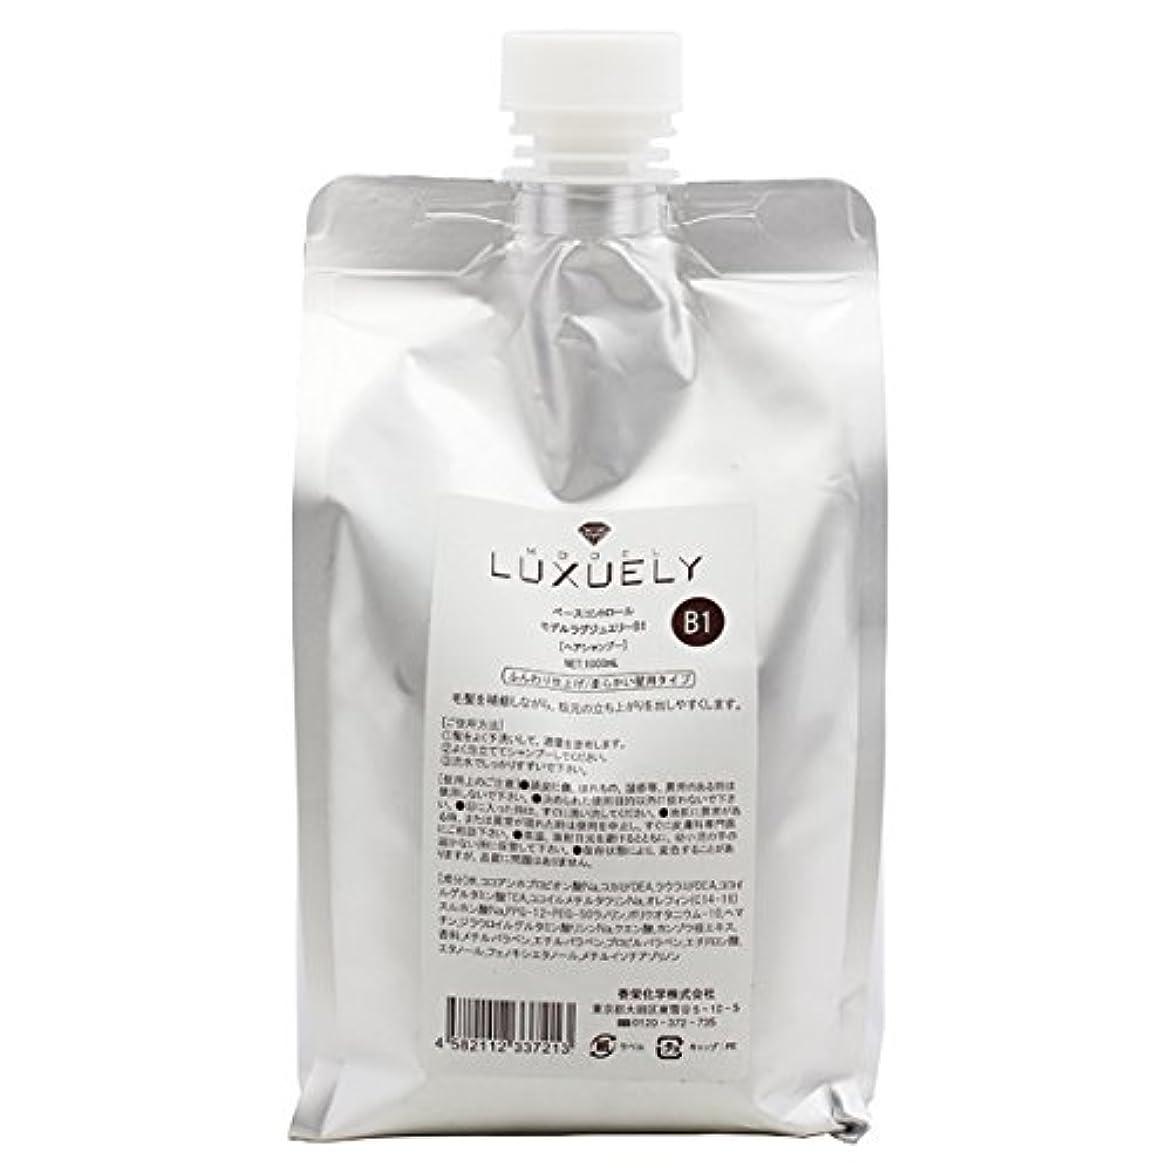 カフェ作り着陸香栄化学 モデル ラグジュエリー シャンプーB1 レフィル 1000ml